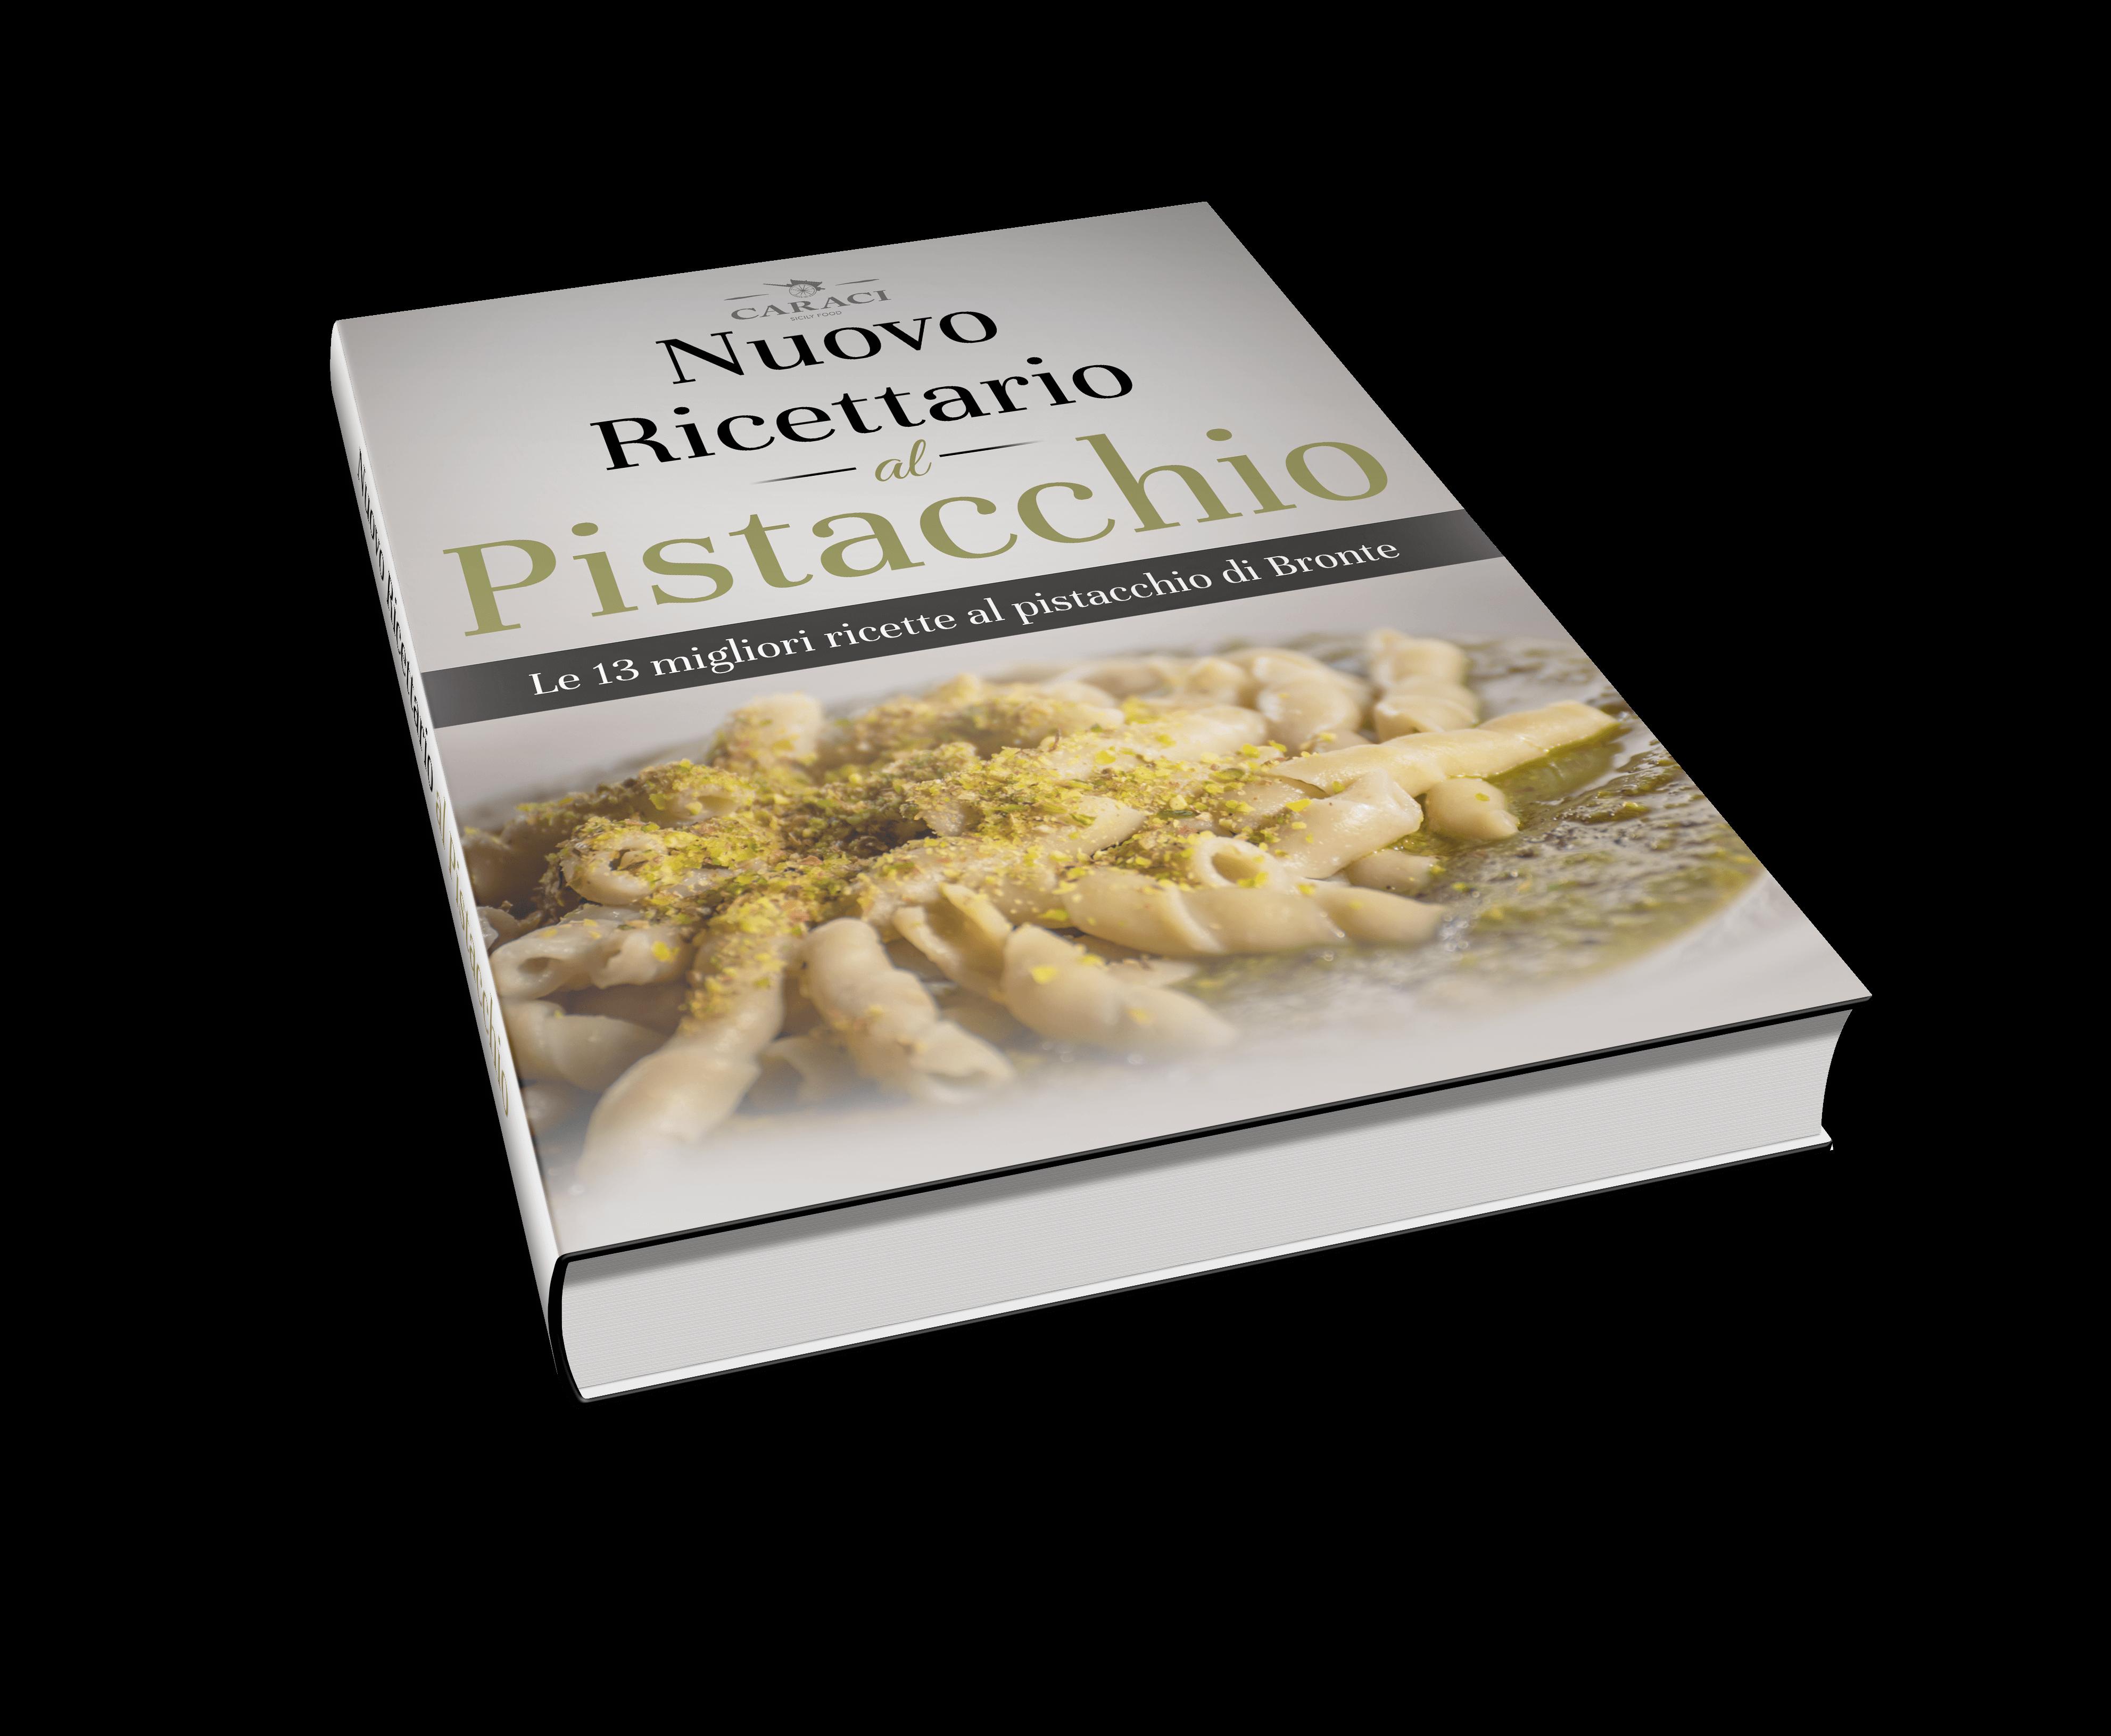 Ricettario al Pistacchio